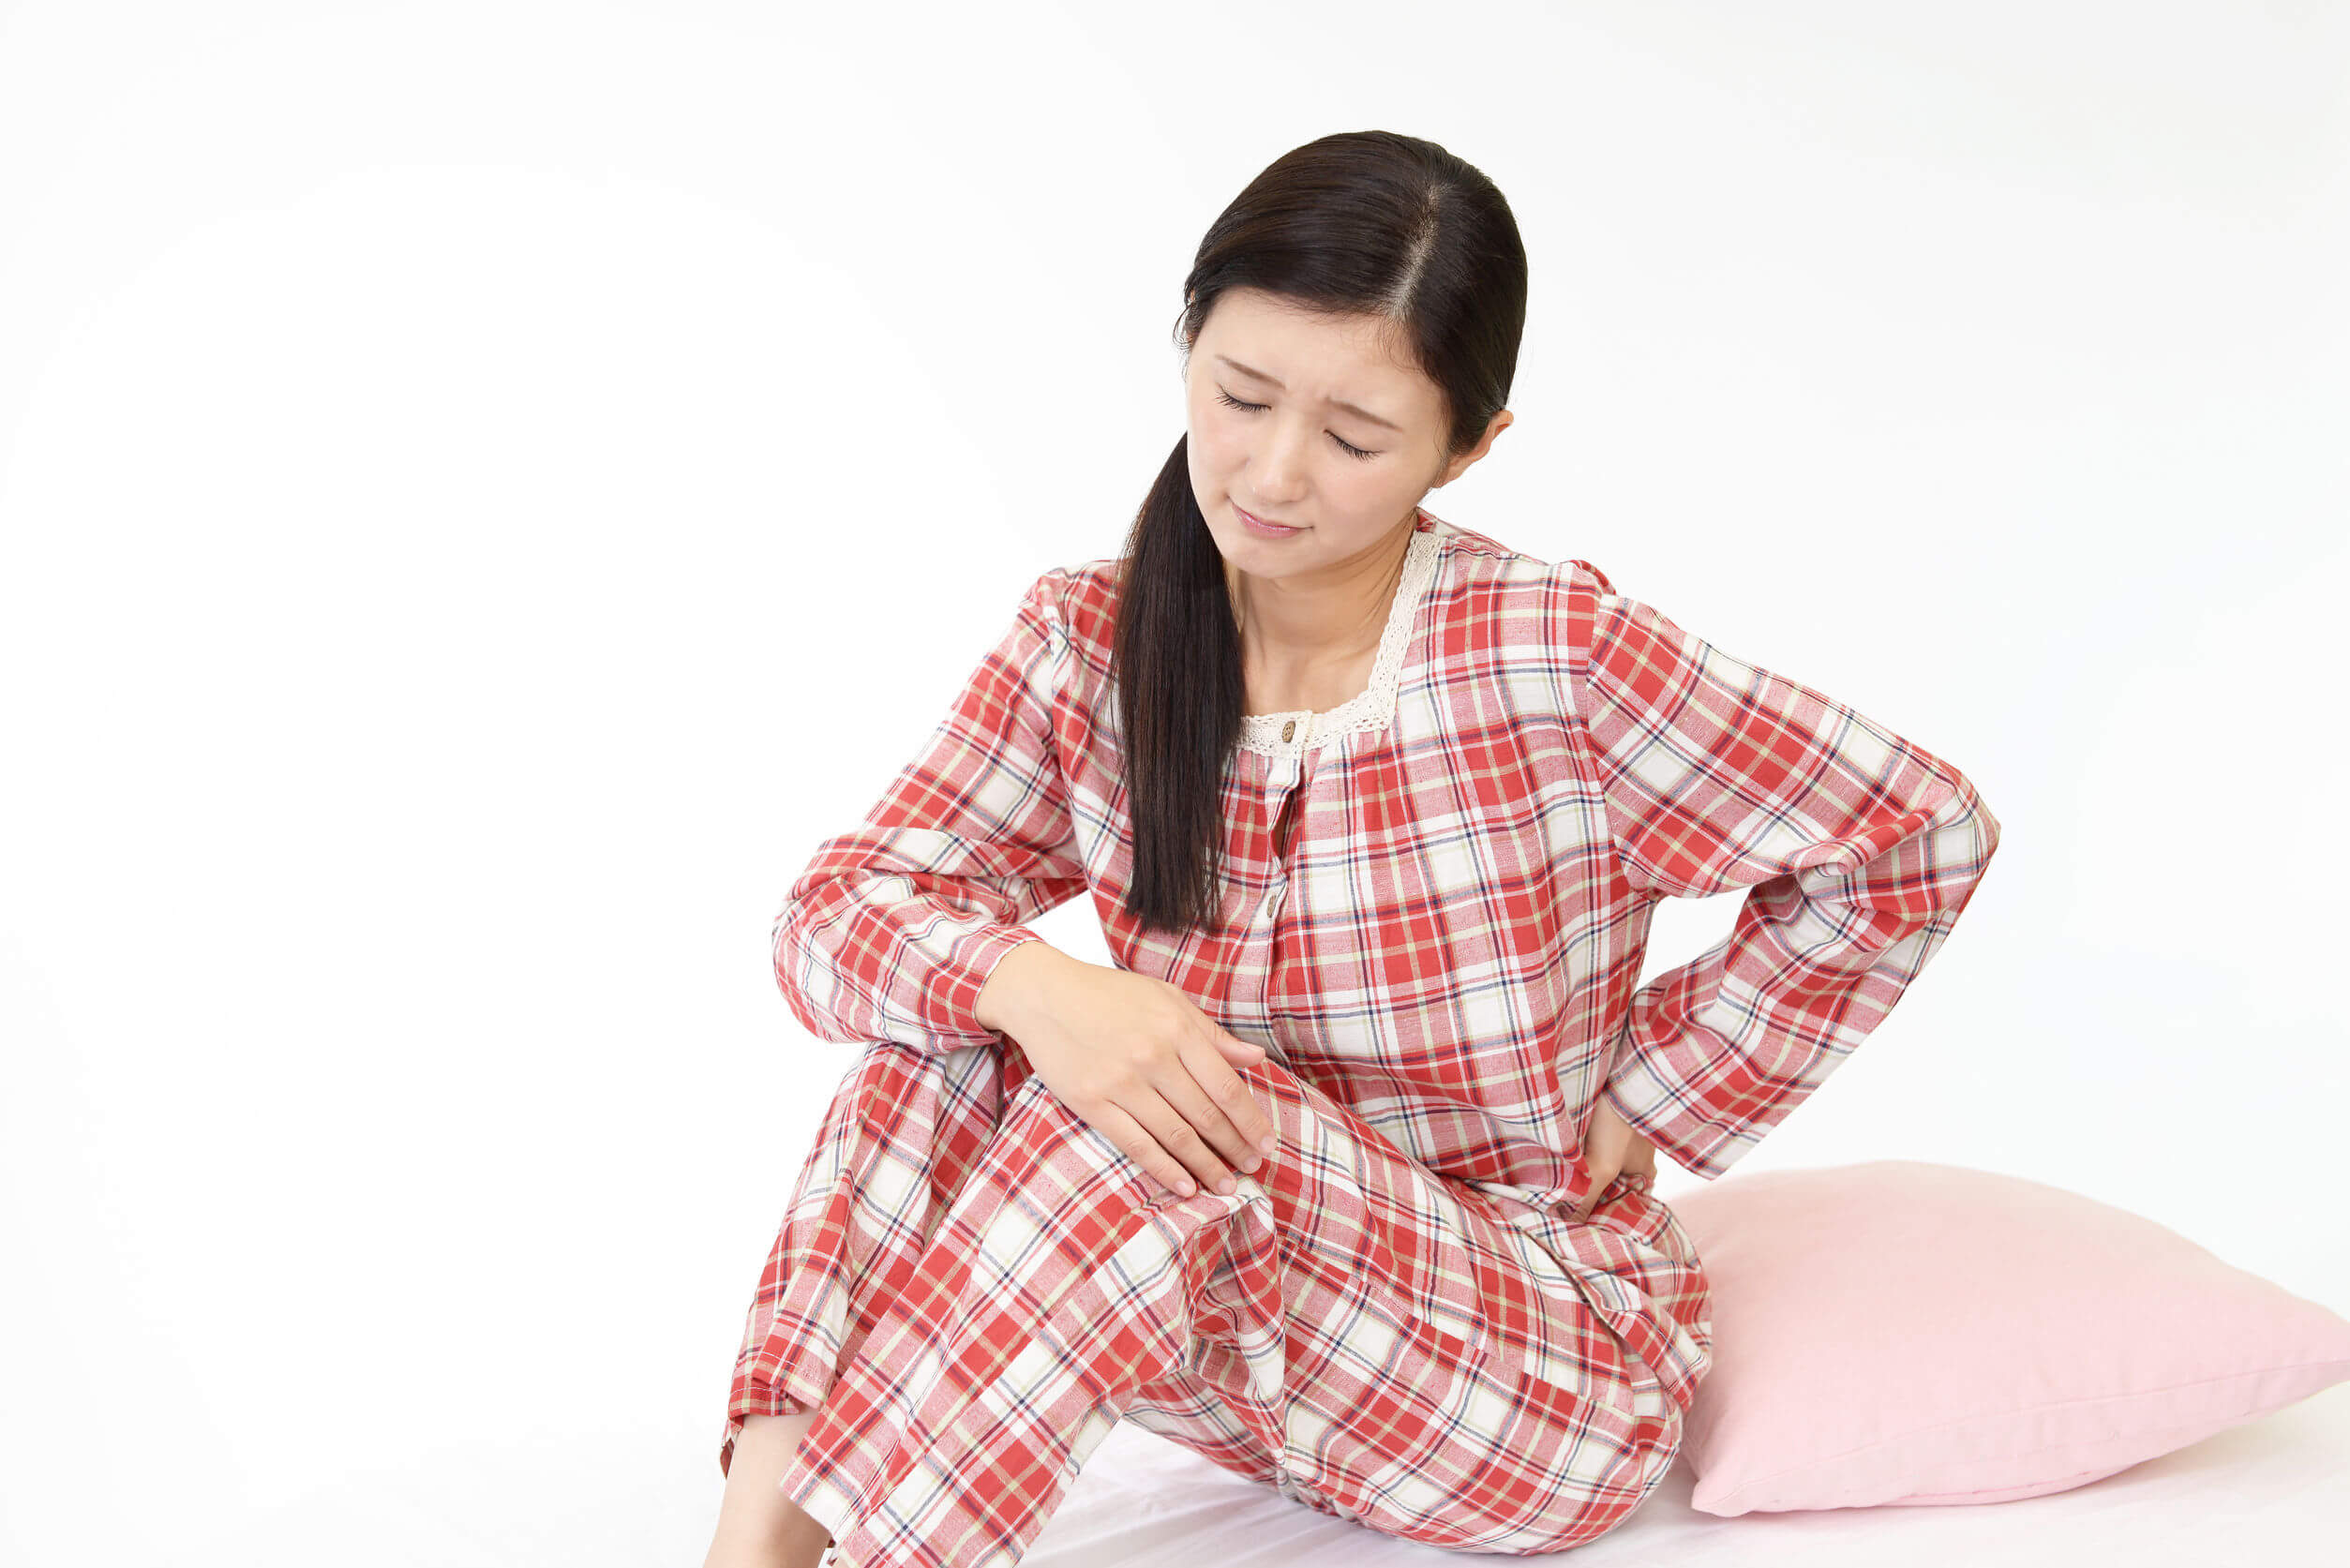 La lumbalgia y ciática se caracterizan por intenso dolor.